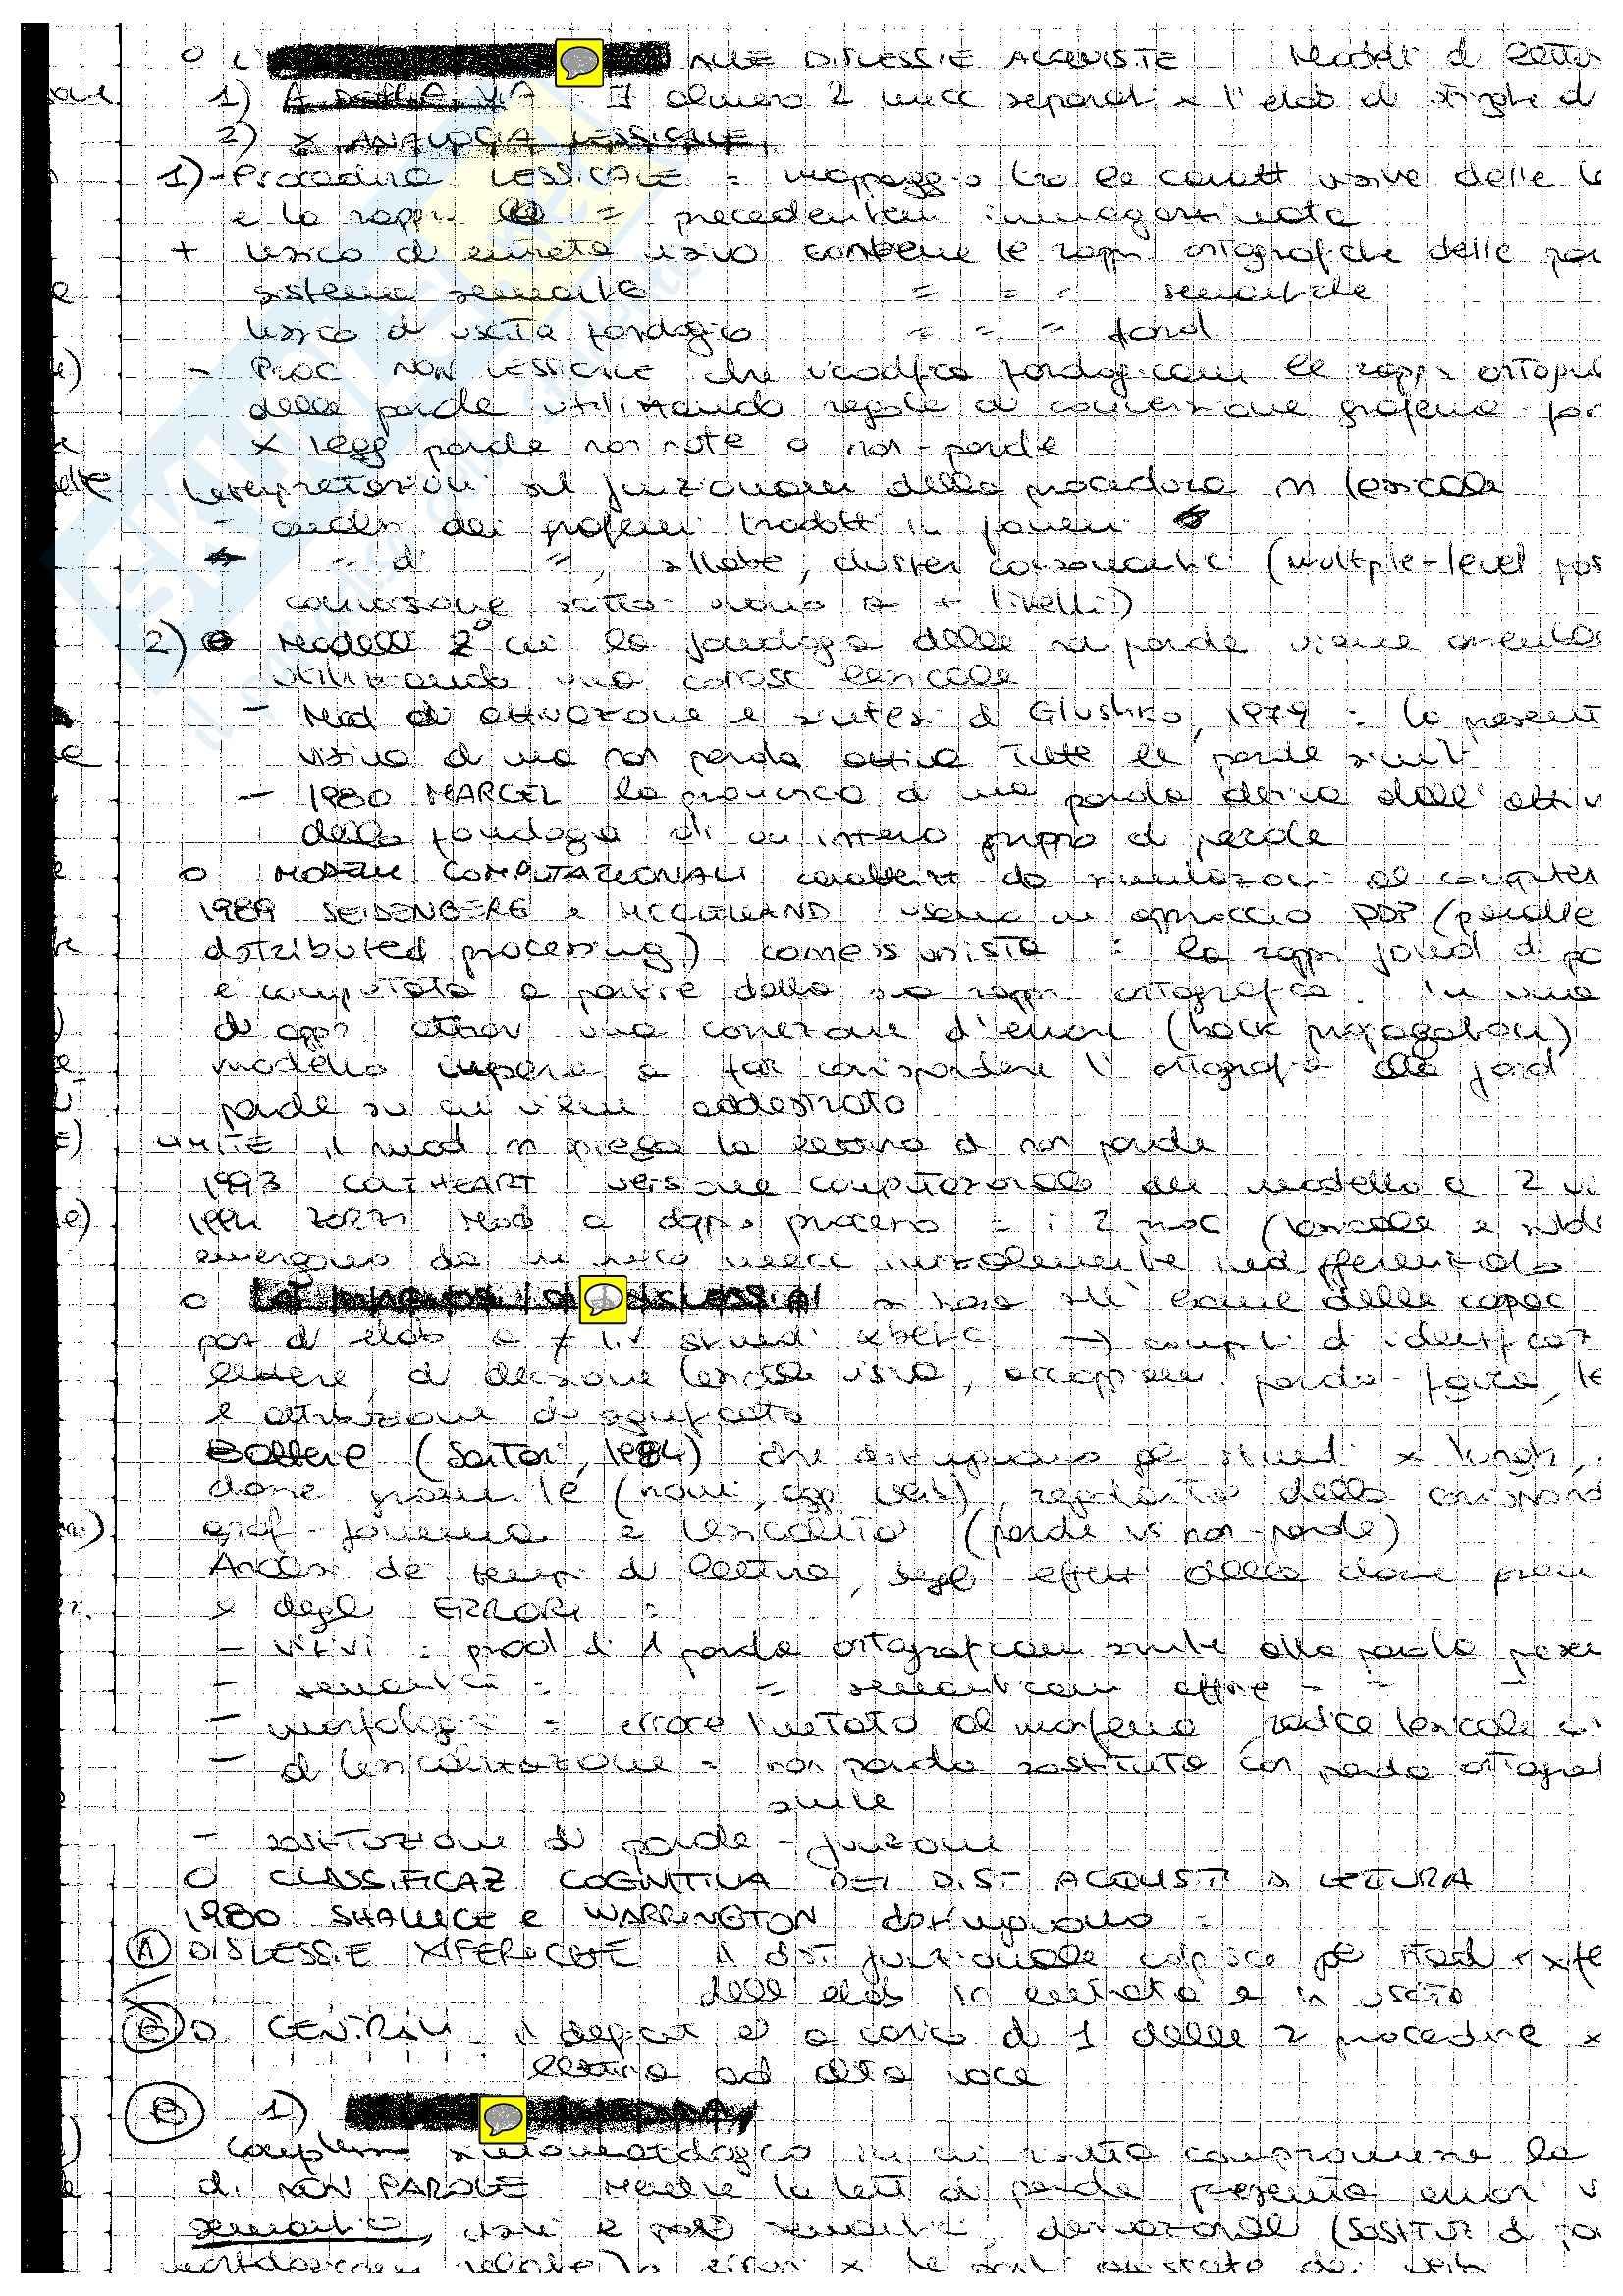 Neuropsicologia - Dislessie e disgrafie acquisite Pag. 2